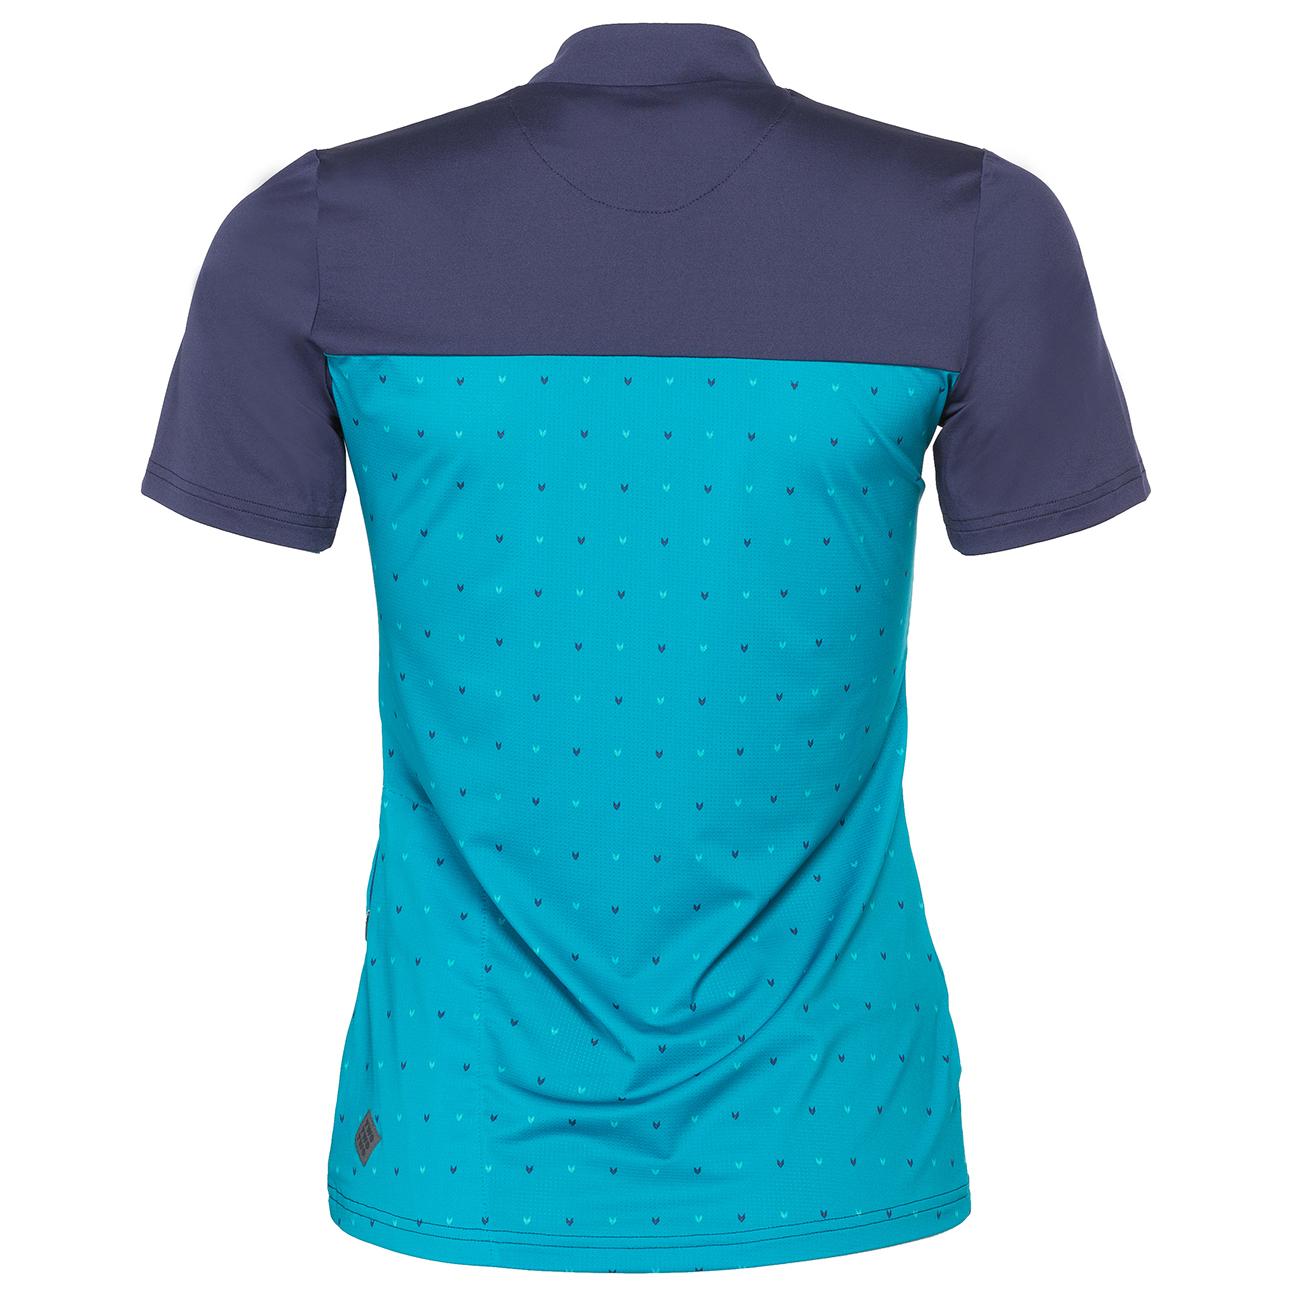 4fde33d20 ... Triple2 - Swet Performance Jersey Women - Sport shirt ...